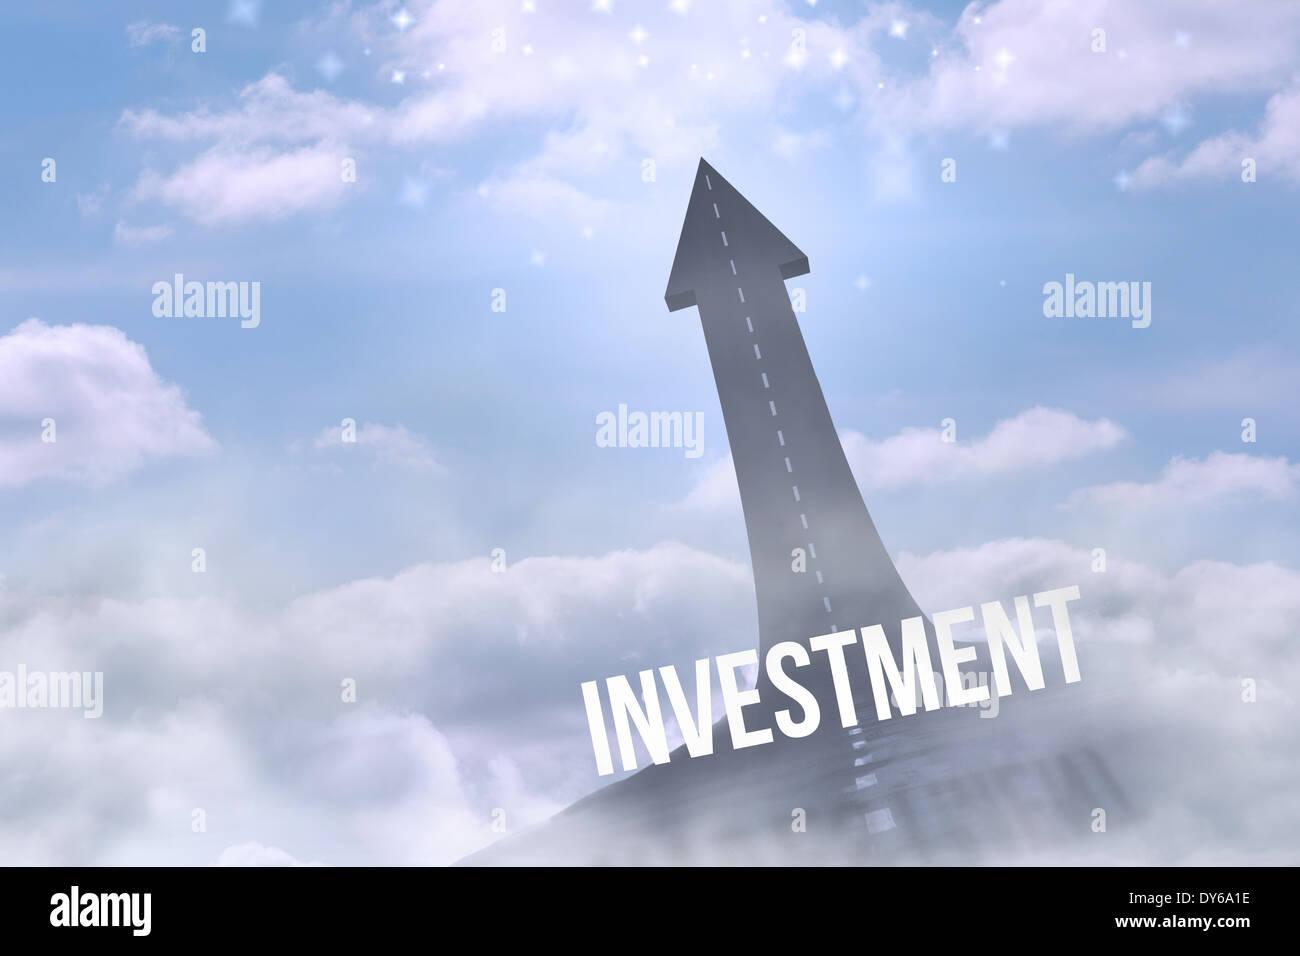 Las inversiones contra la carretera girando en la flecha Imagen De Stock